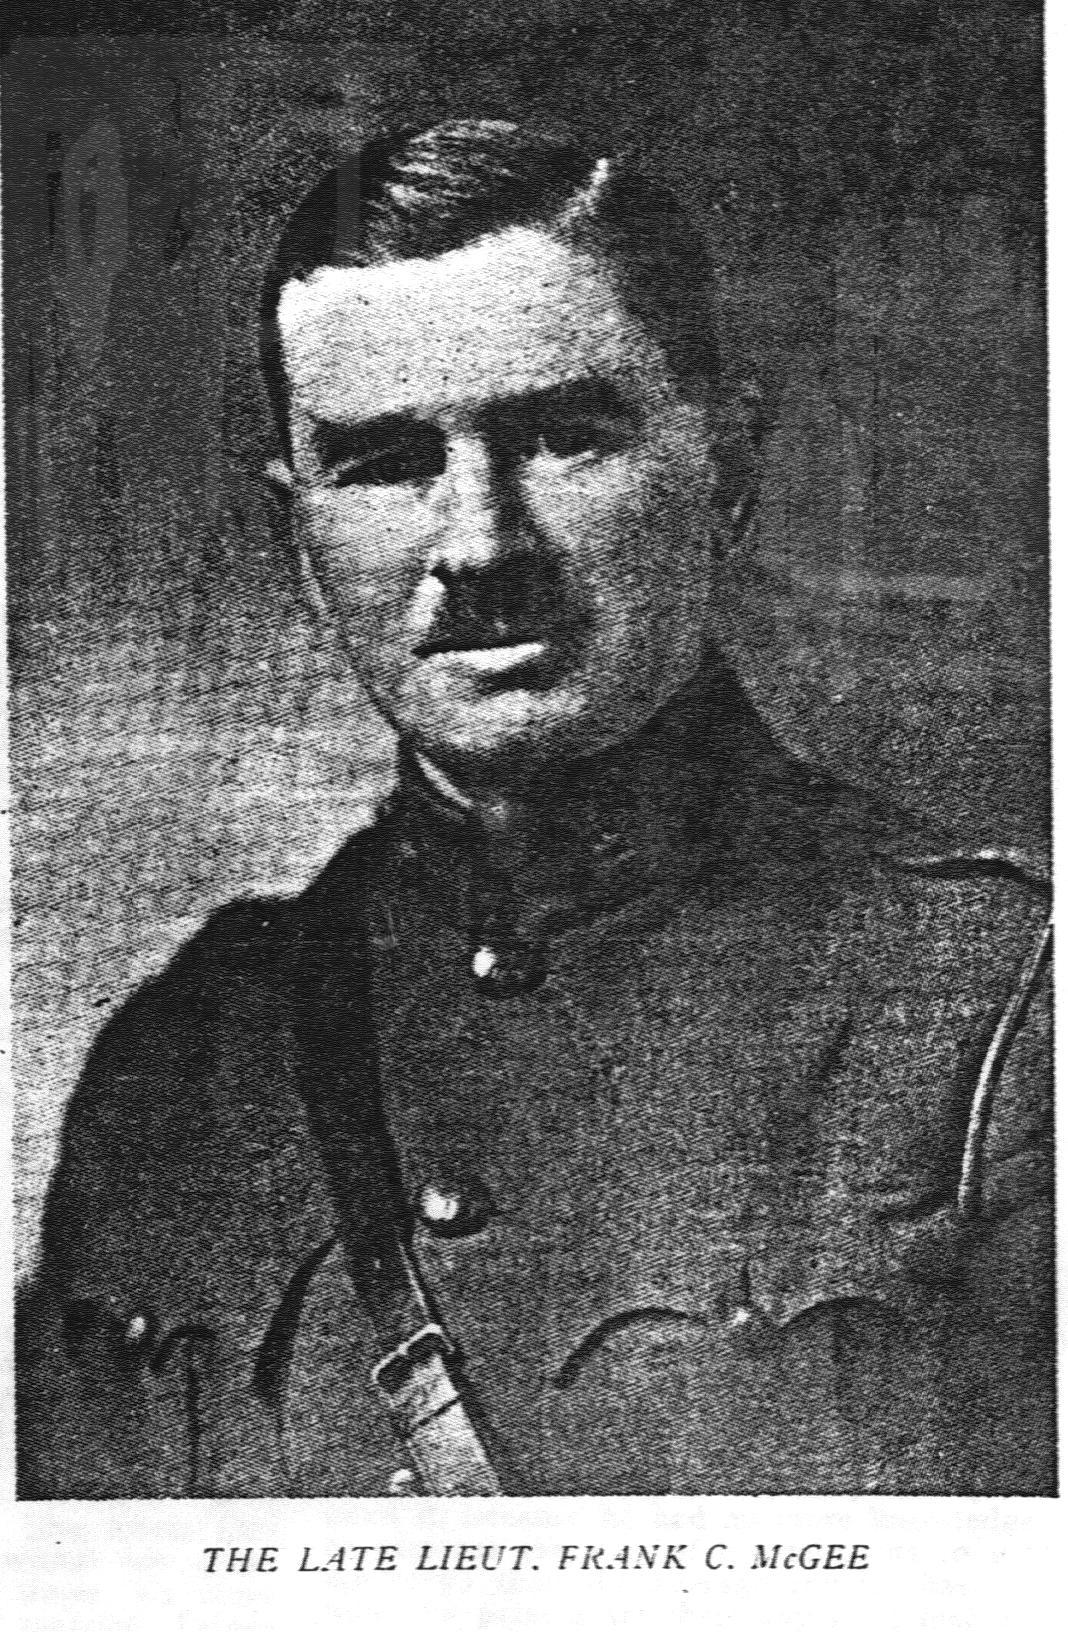 Lt Frank McGee